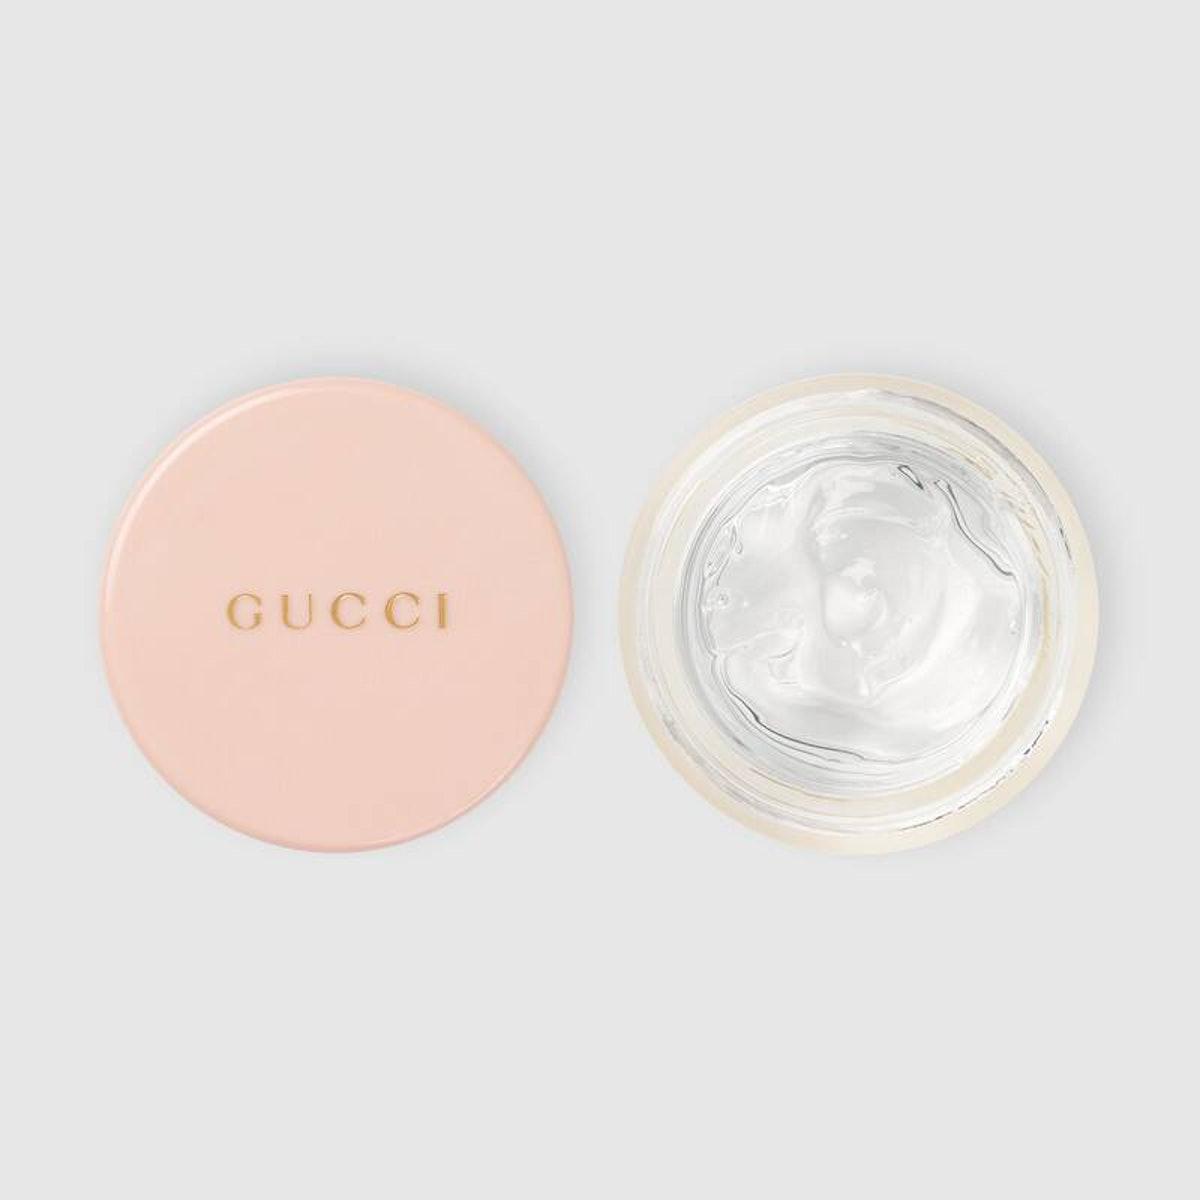 Gucci Beauty Éclat De Beauté Effet Lumière Gel Face Gloss